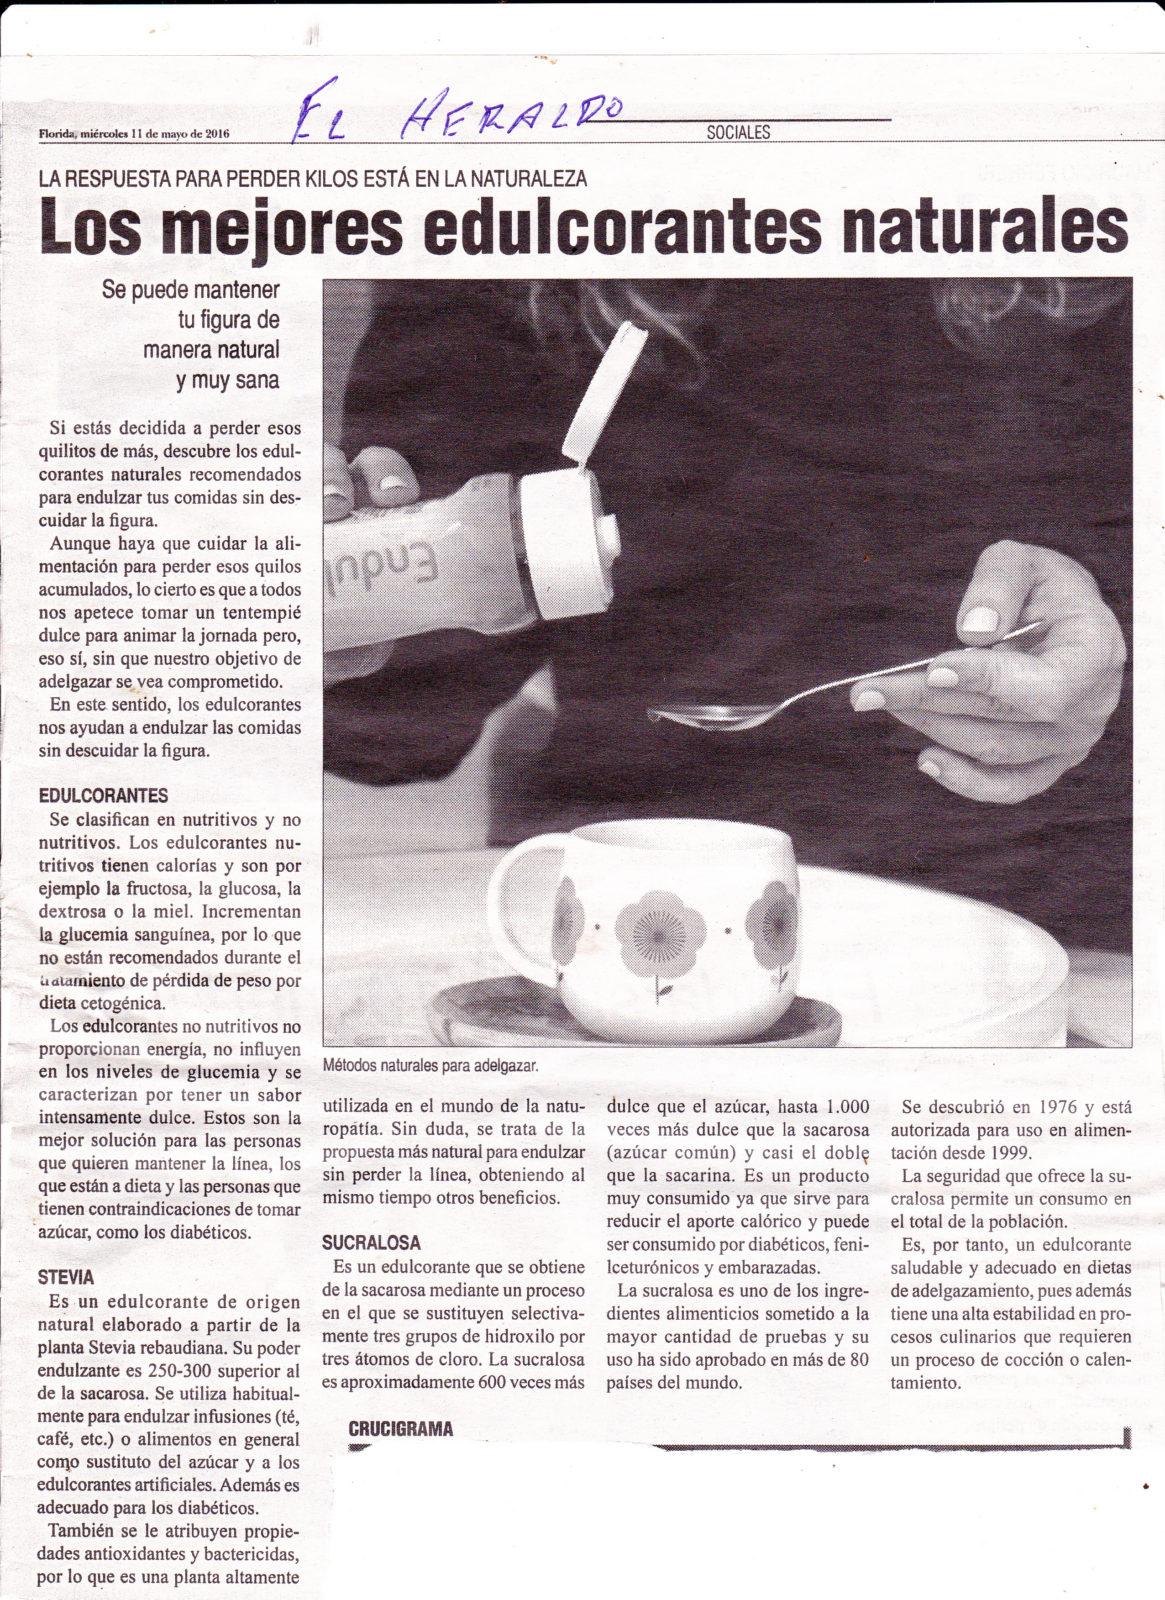 Ventajas del consumo de Stevia y Sucralosa publicada en El Heraldo de Florida el 11 de mayo de 2016